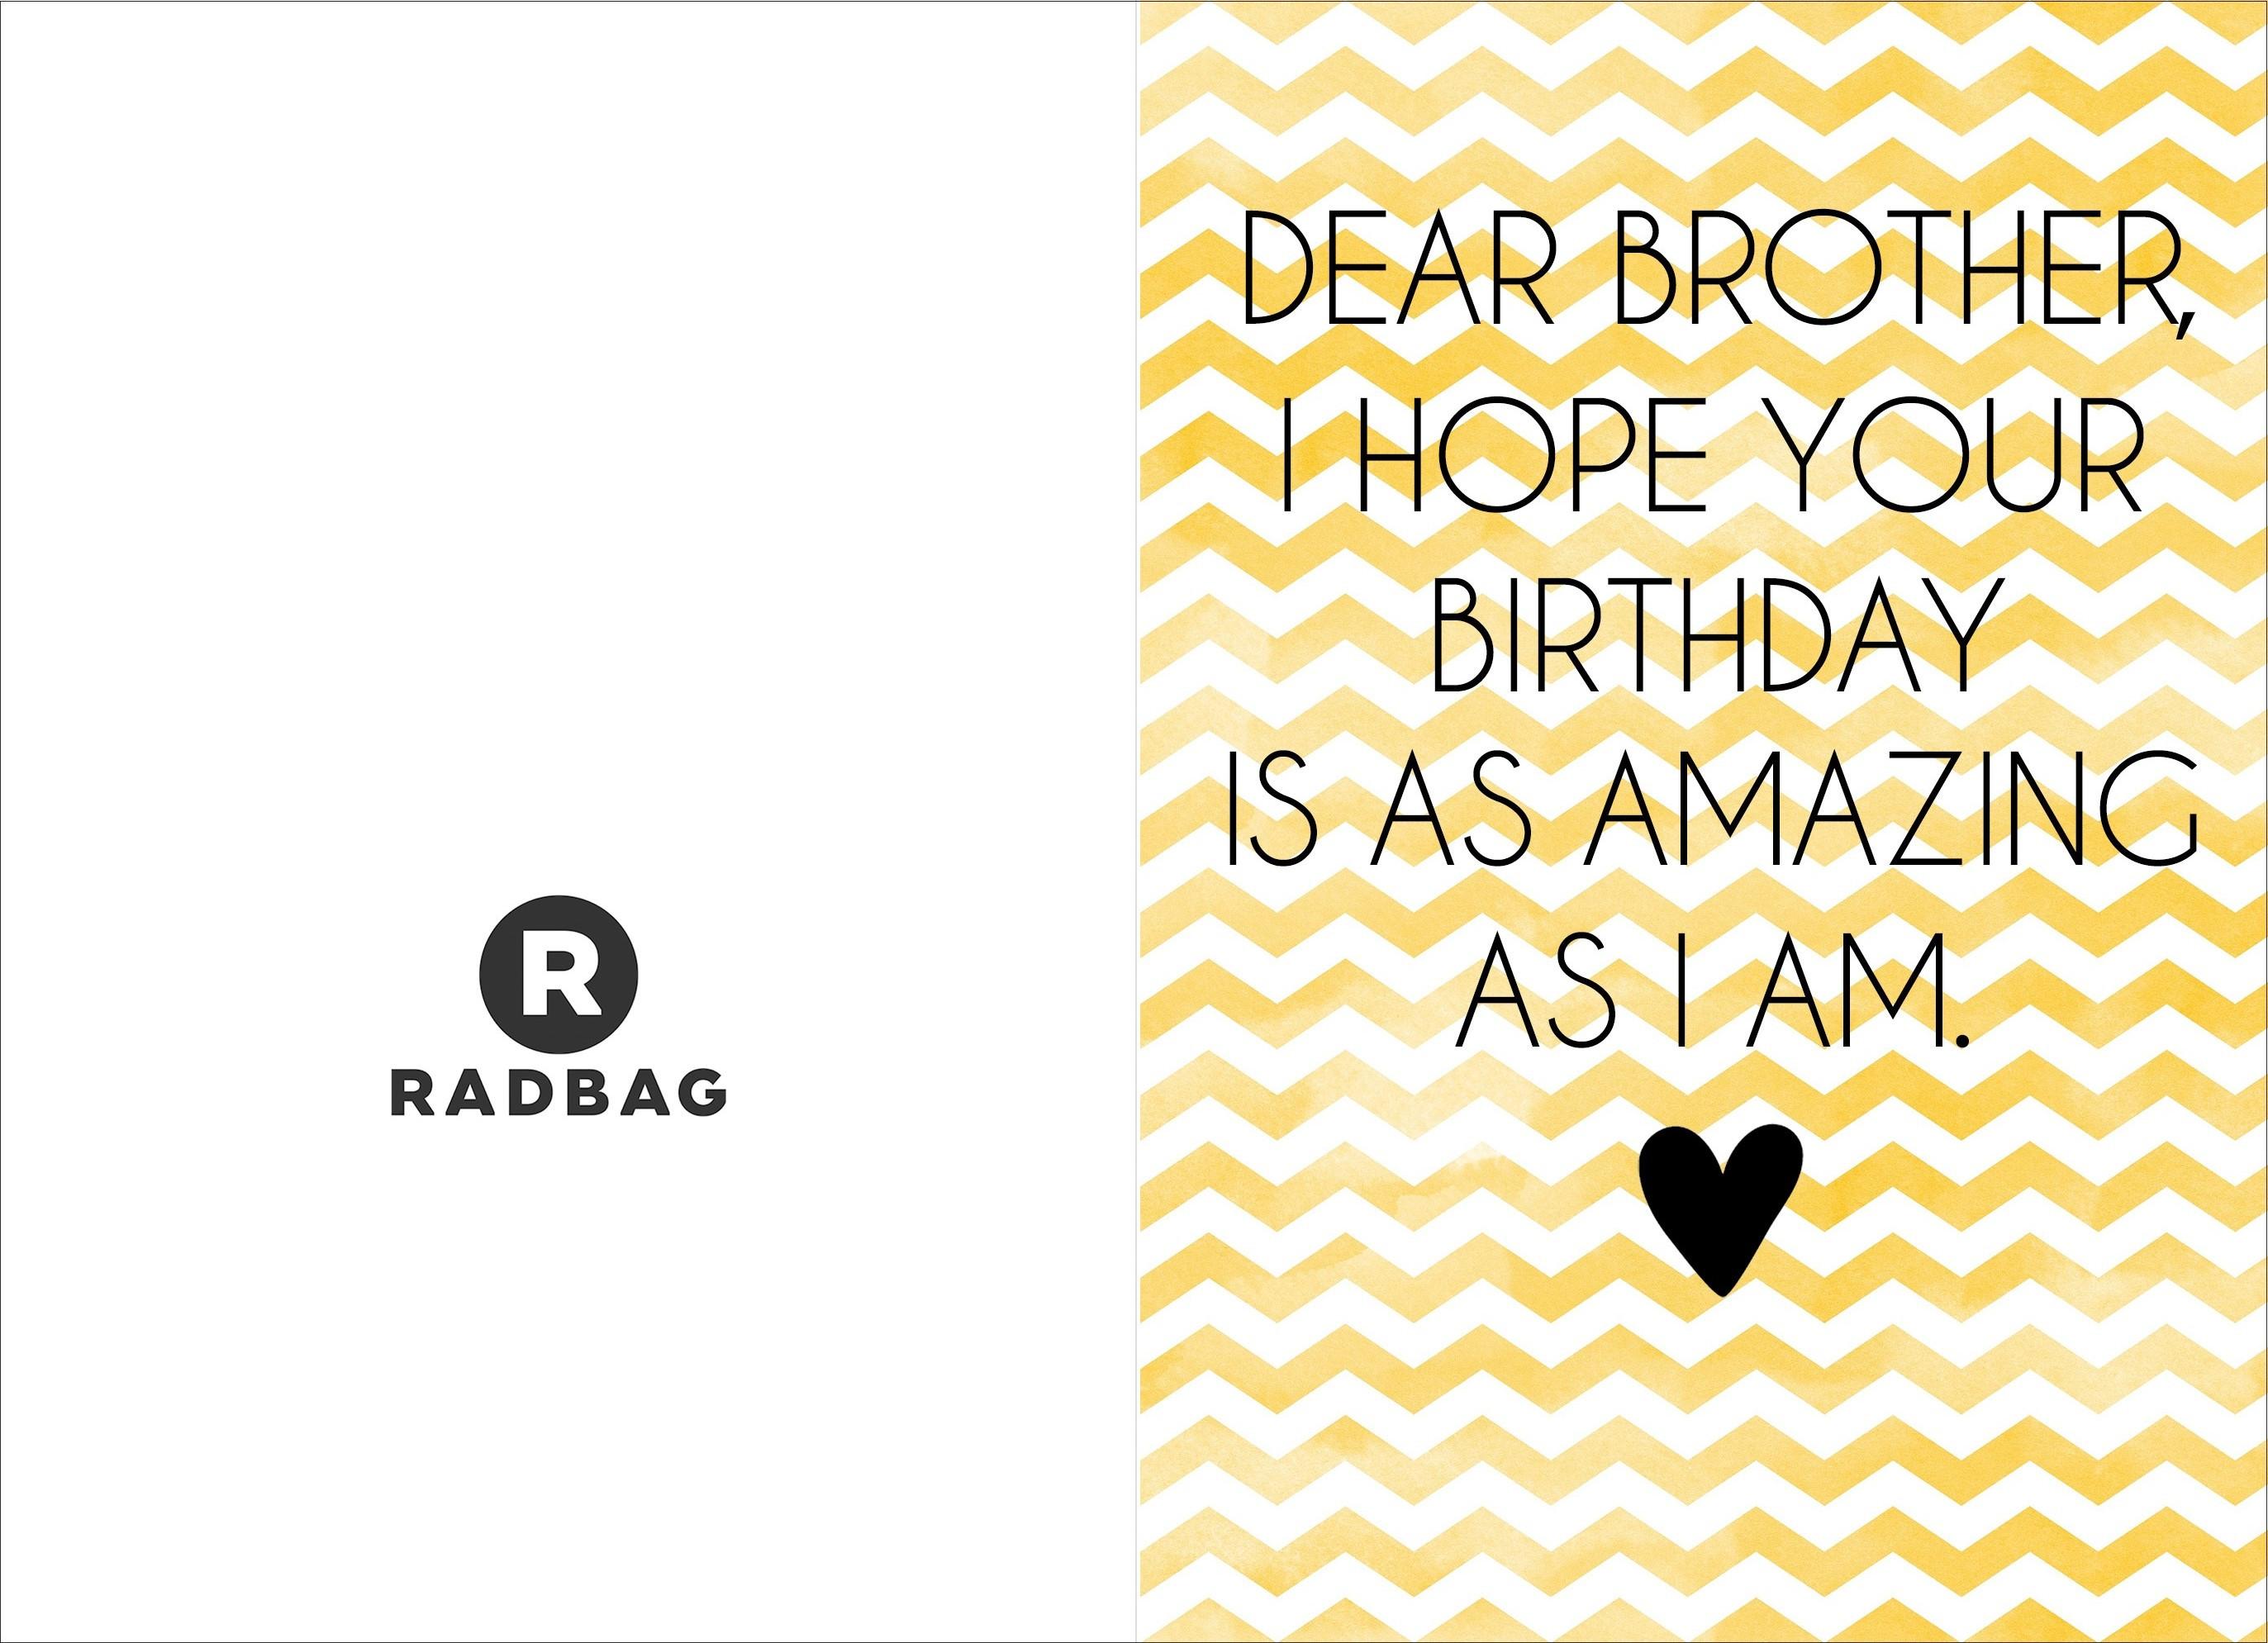 Geburtstagskarten Ausdrucken  Witzige Geburtstagskarten zum Ausdrucken radbag